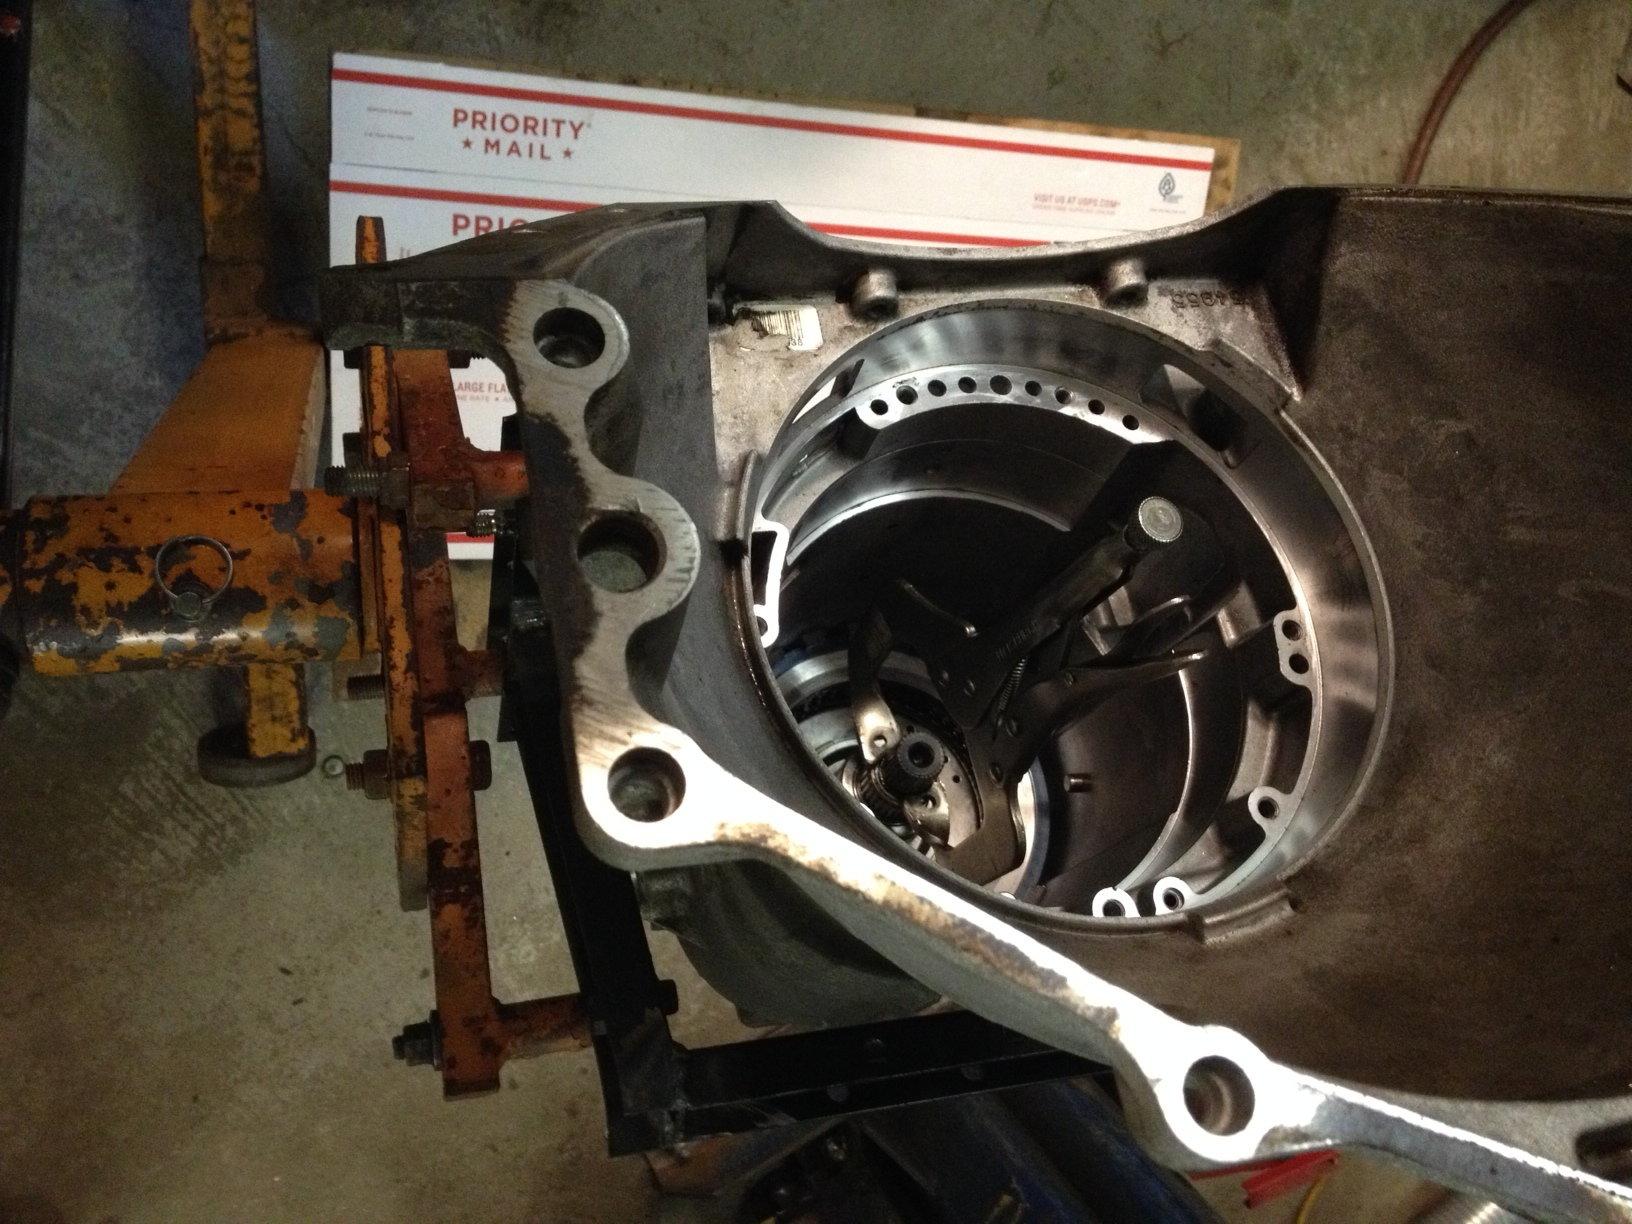 Turbo C3 76 Corvette Project, LSx, 4l80E, 4 link, real